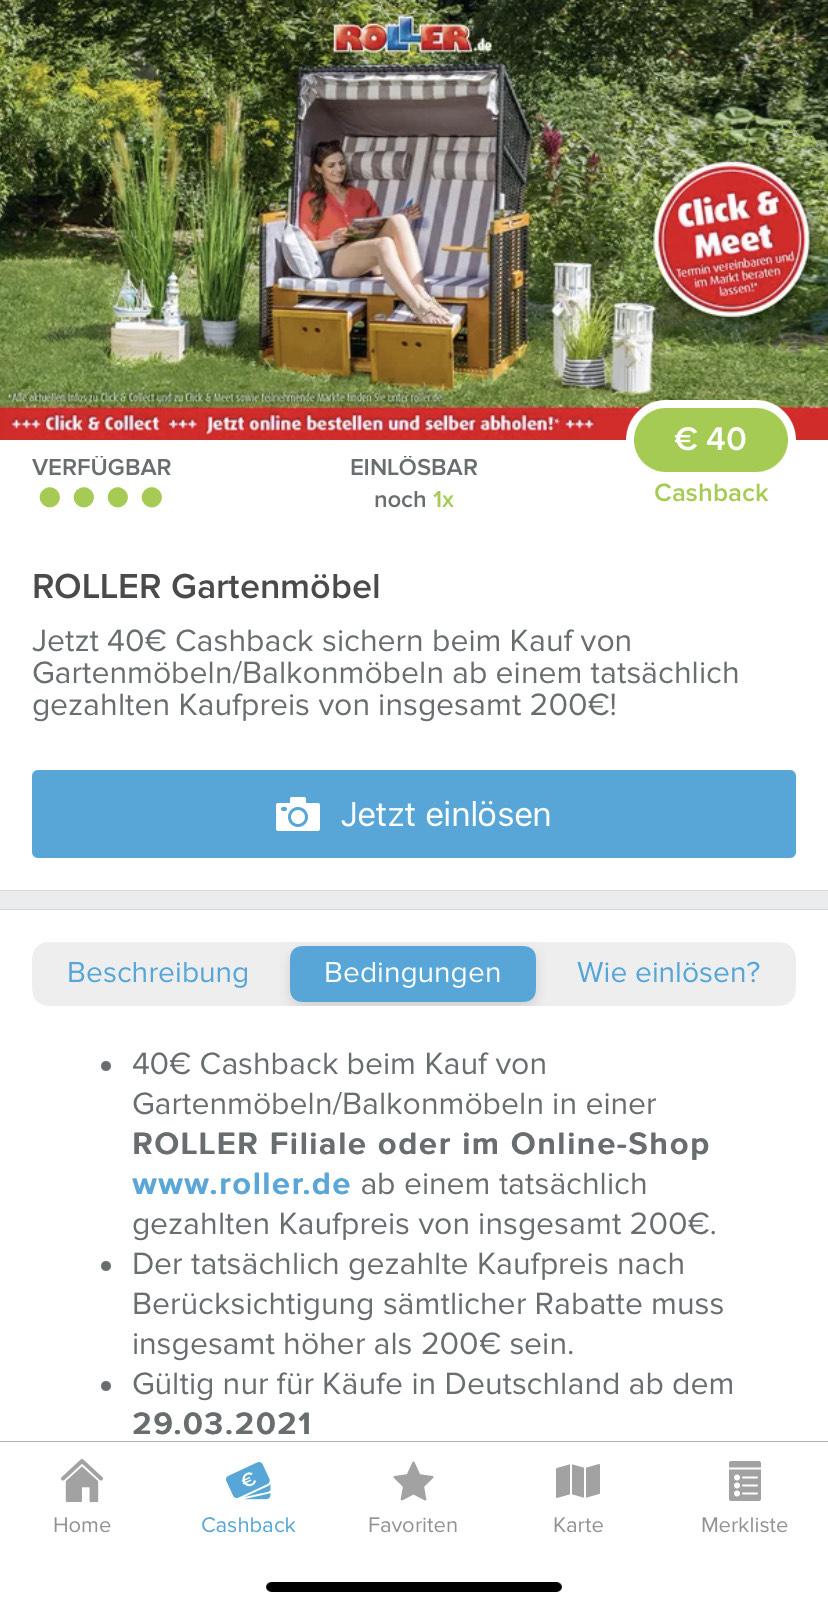 40€ Cashback bei Roller über Marktguru auf Gartenmöbel/Balkonmöbel ab 200€